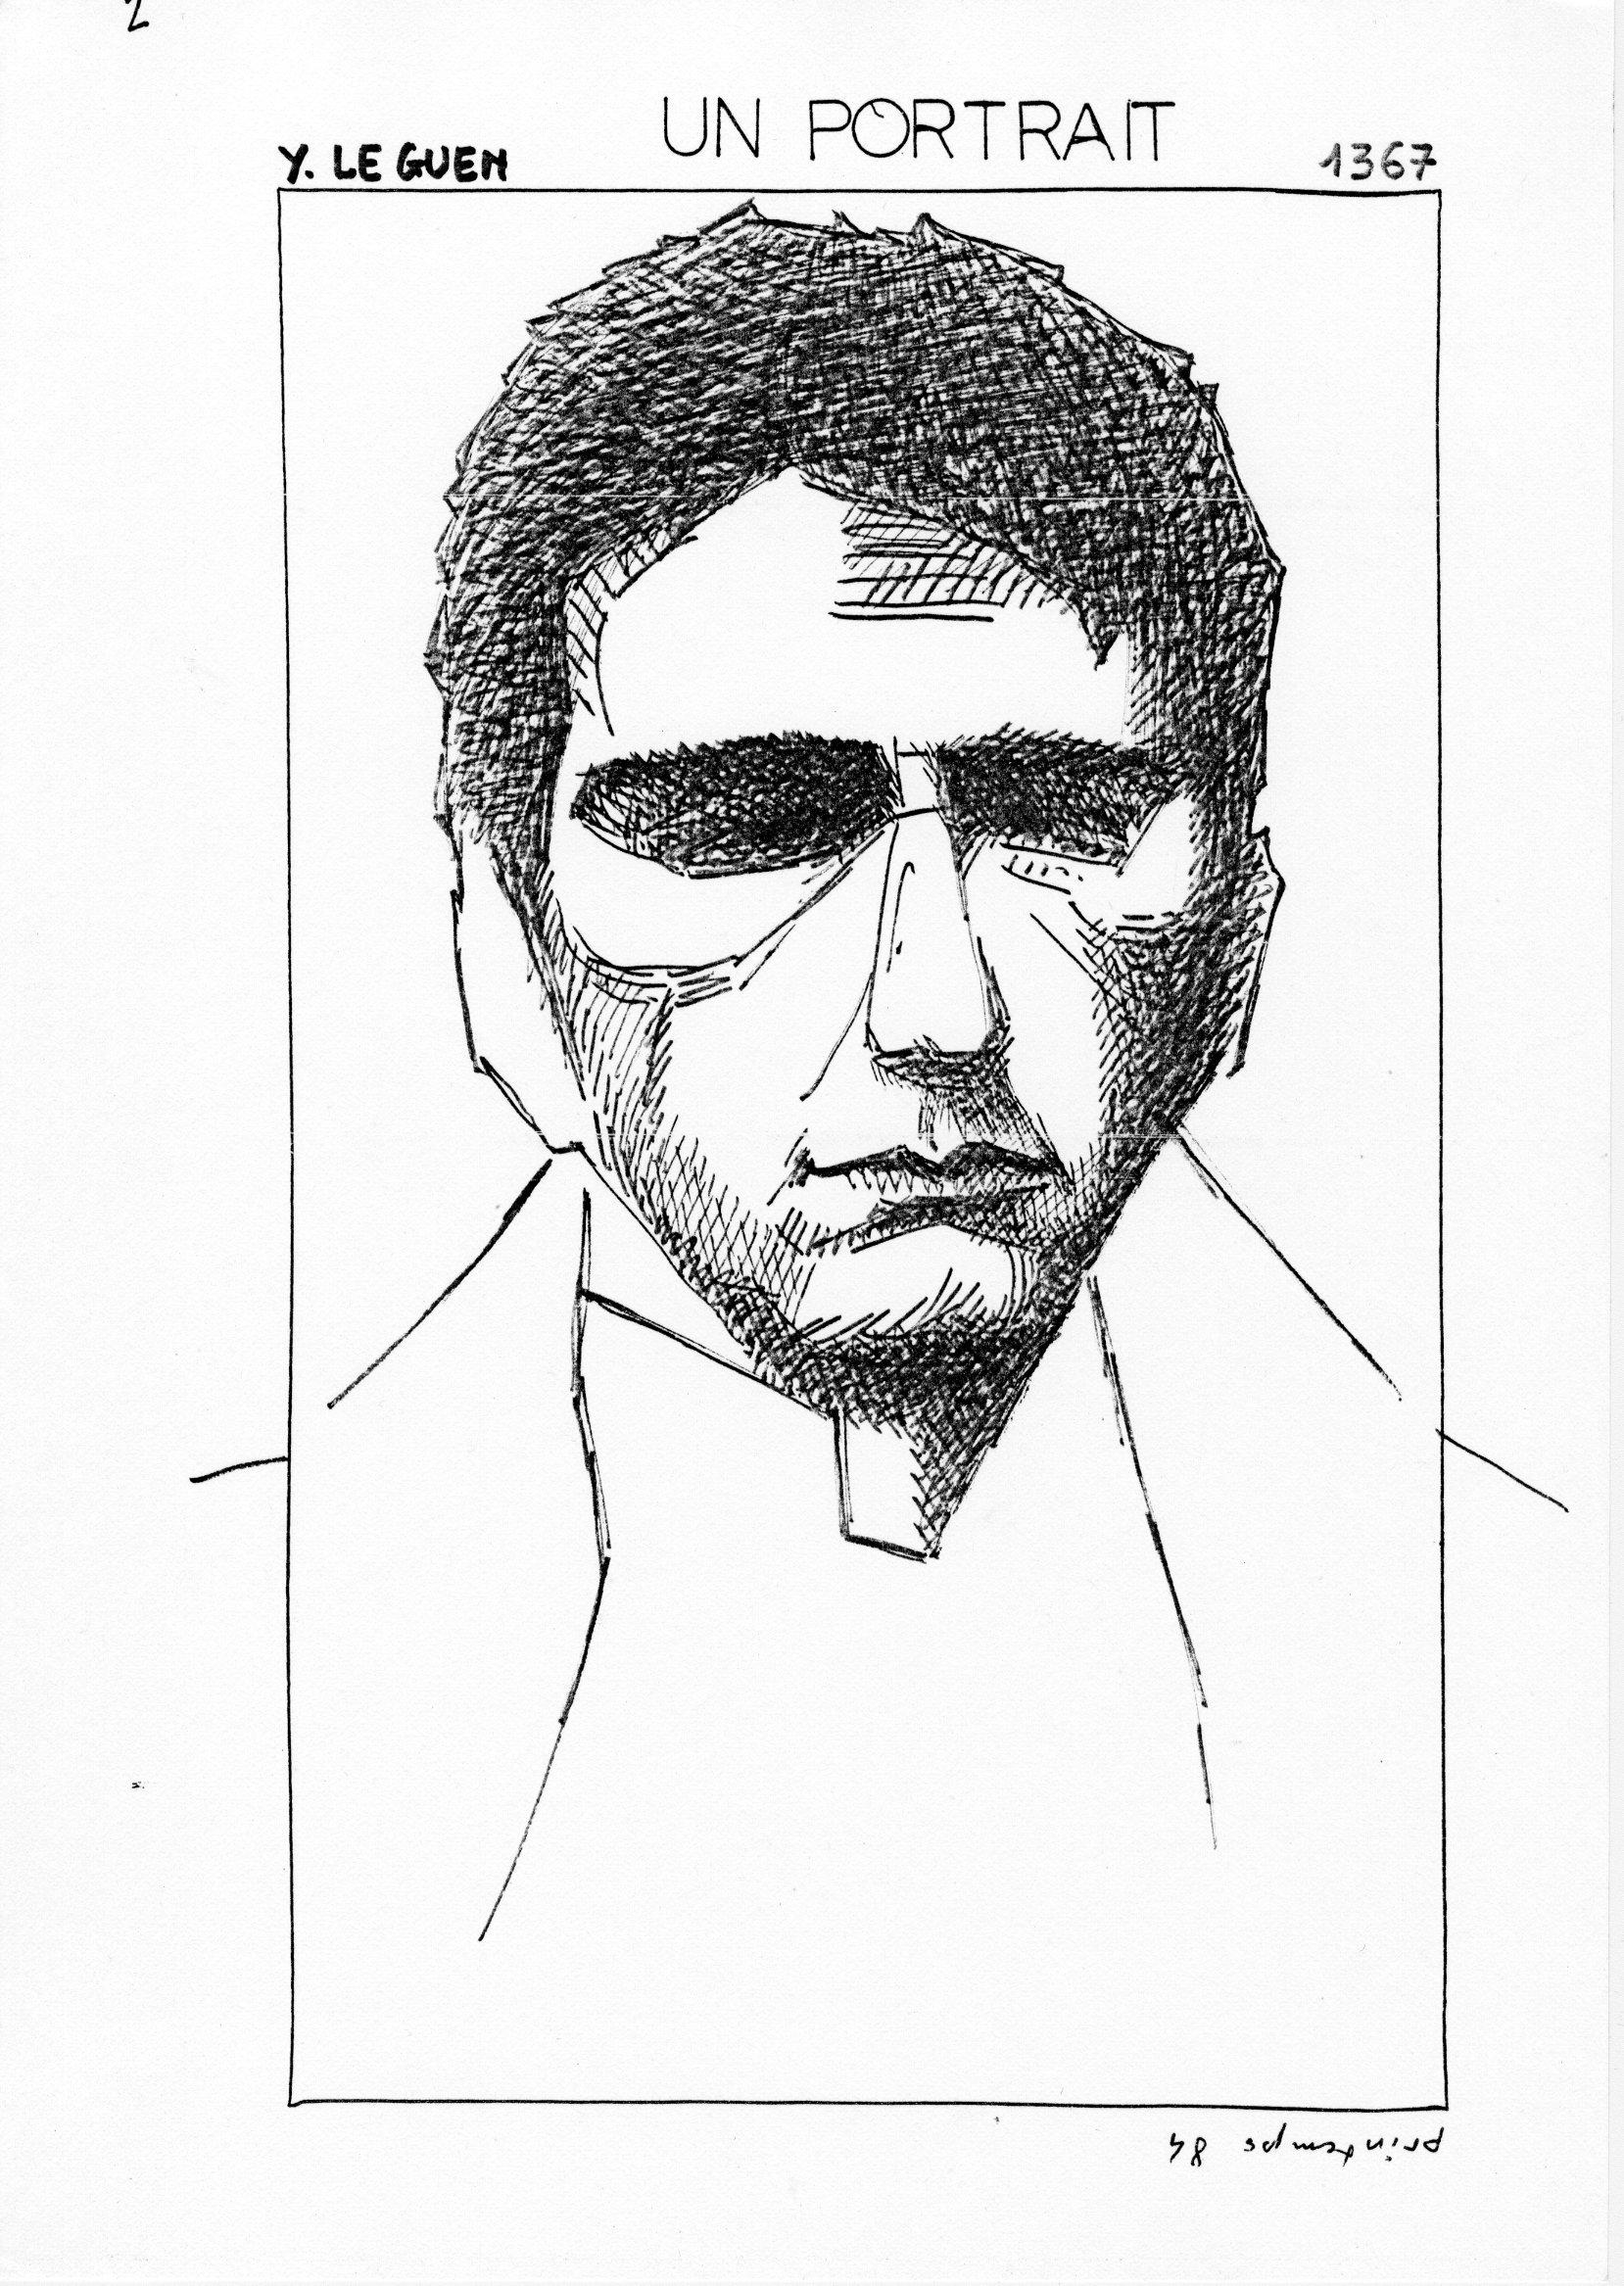 page 1367 Y. Leguen UN PORTRAIT